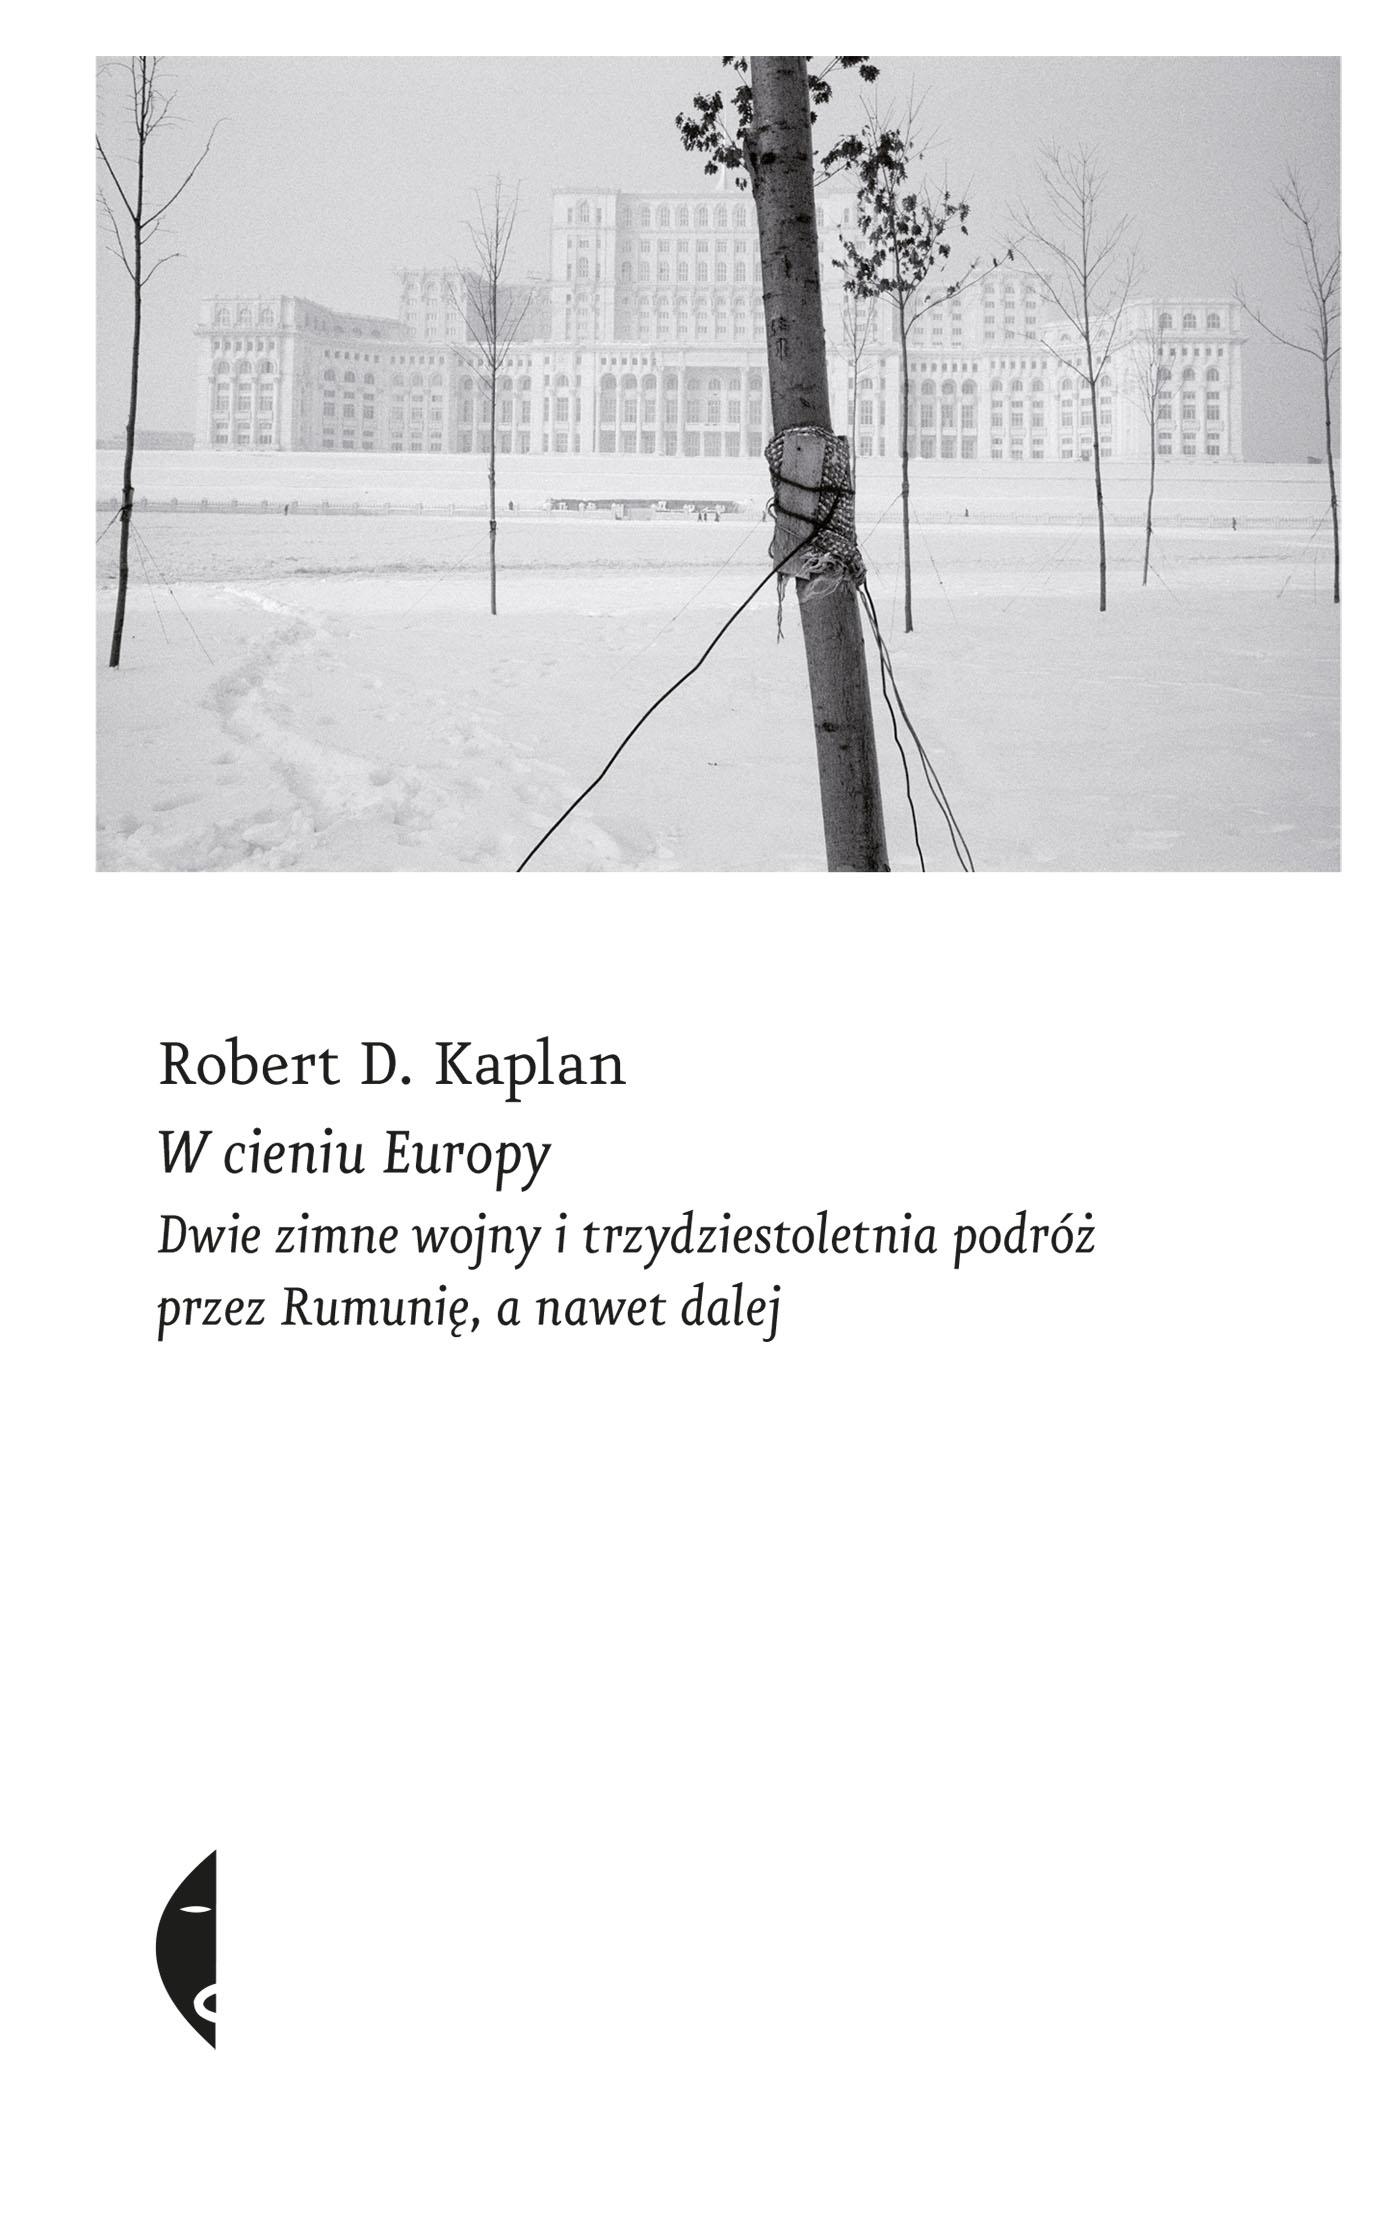 W cieniu Europy dwie zimne wojny i trzydziestoletnia podróż przez rumunię a nawet dalej